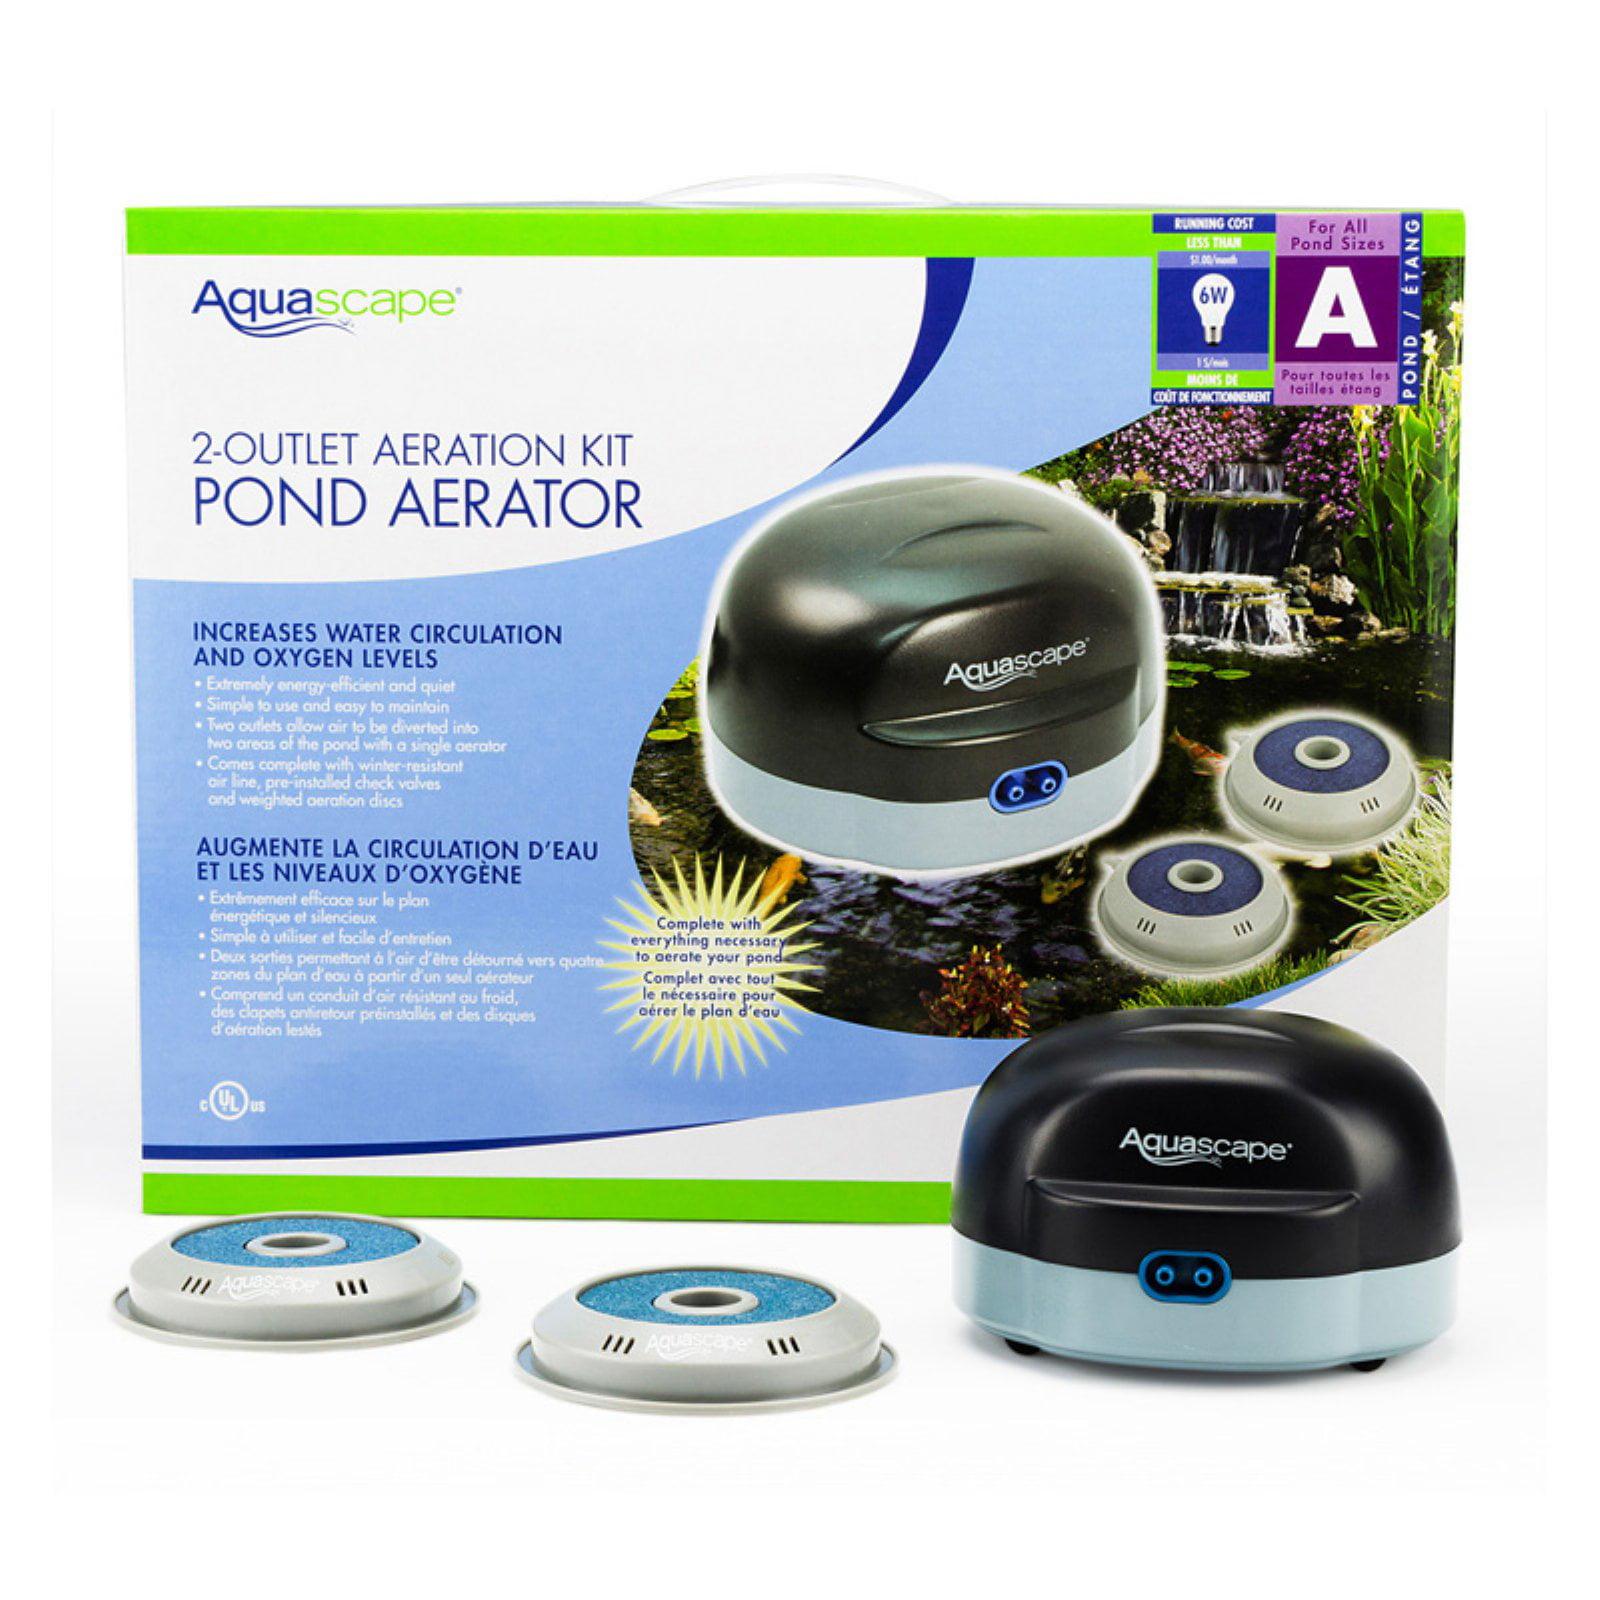 Aquascape 2-Outlet Pond Aerator